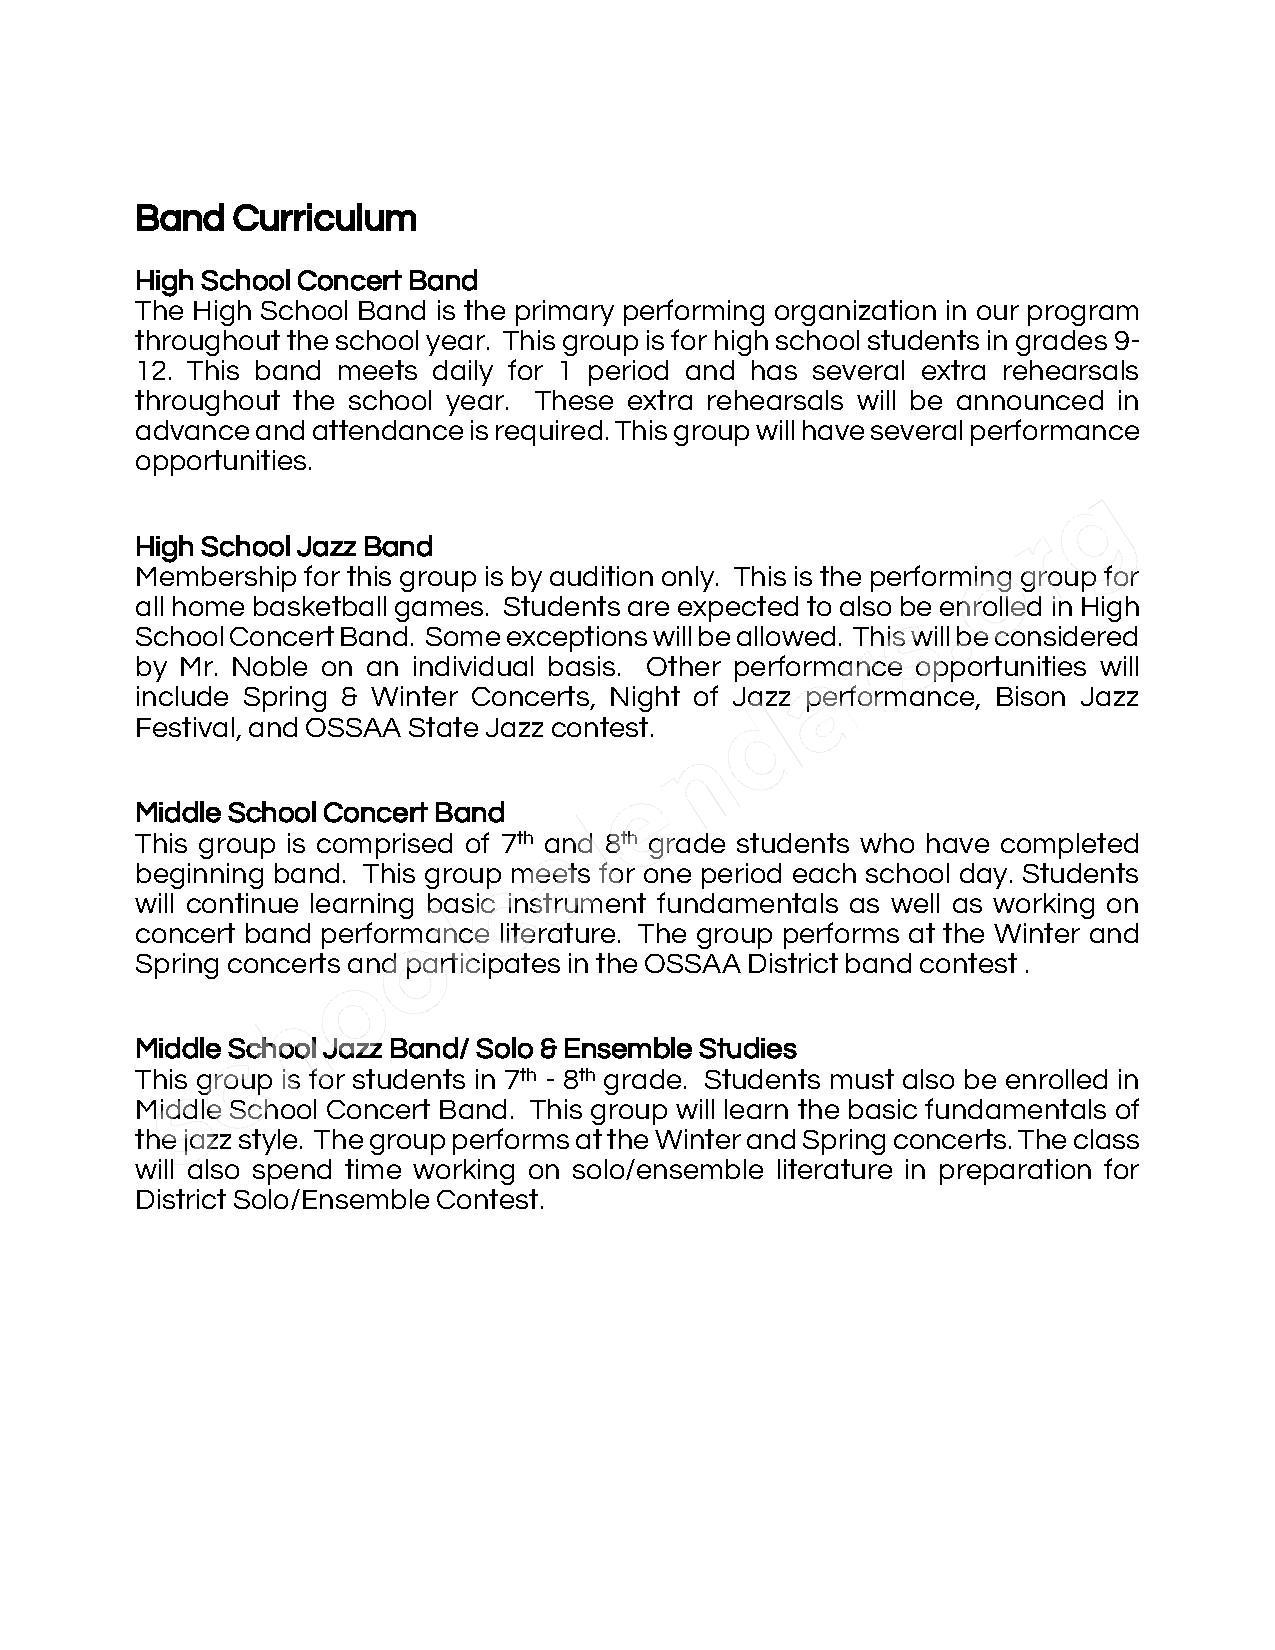 2016 - 2017 District Calendar – Dale Public Schools – page 4